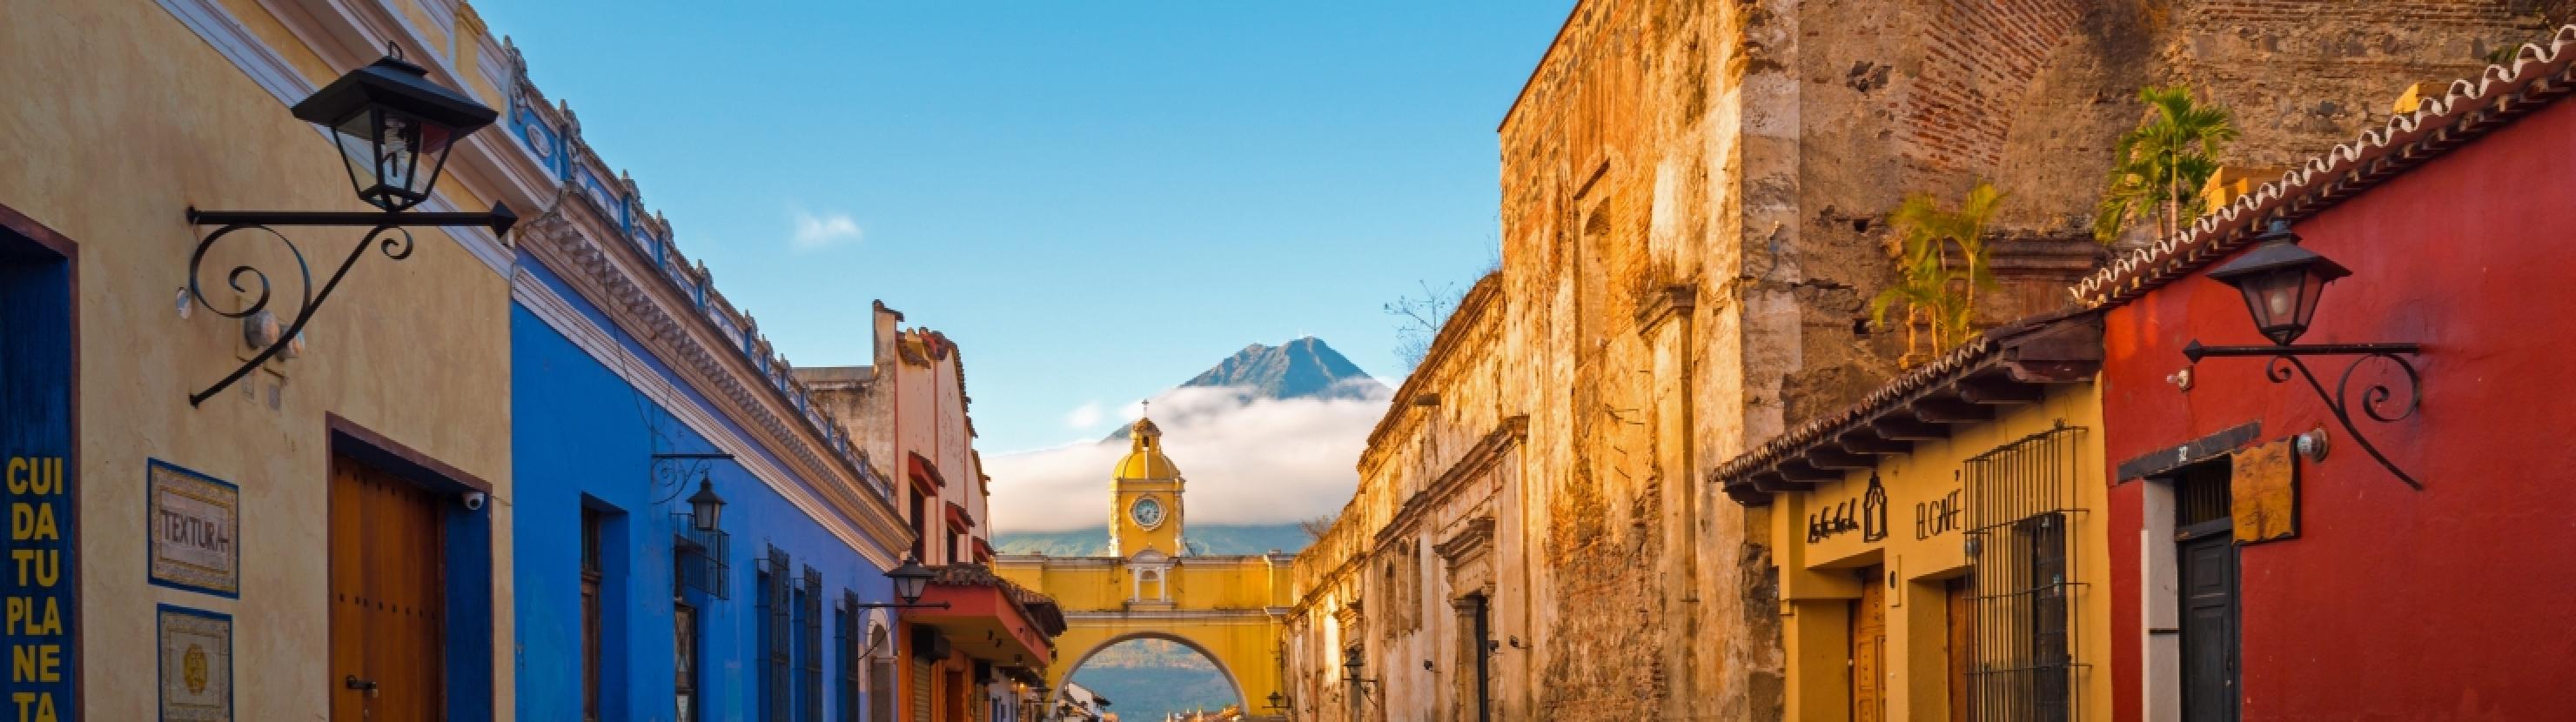 Mehhiko-Guatemala